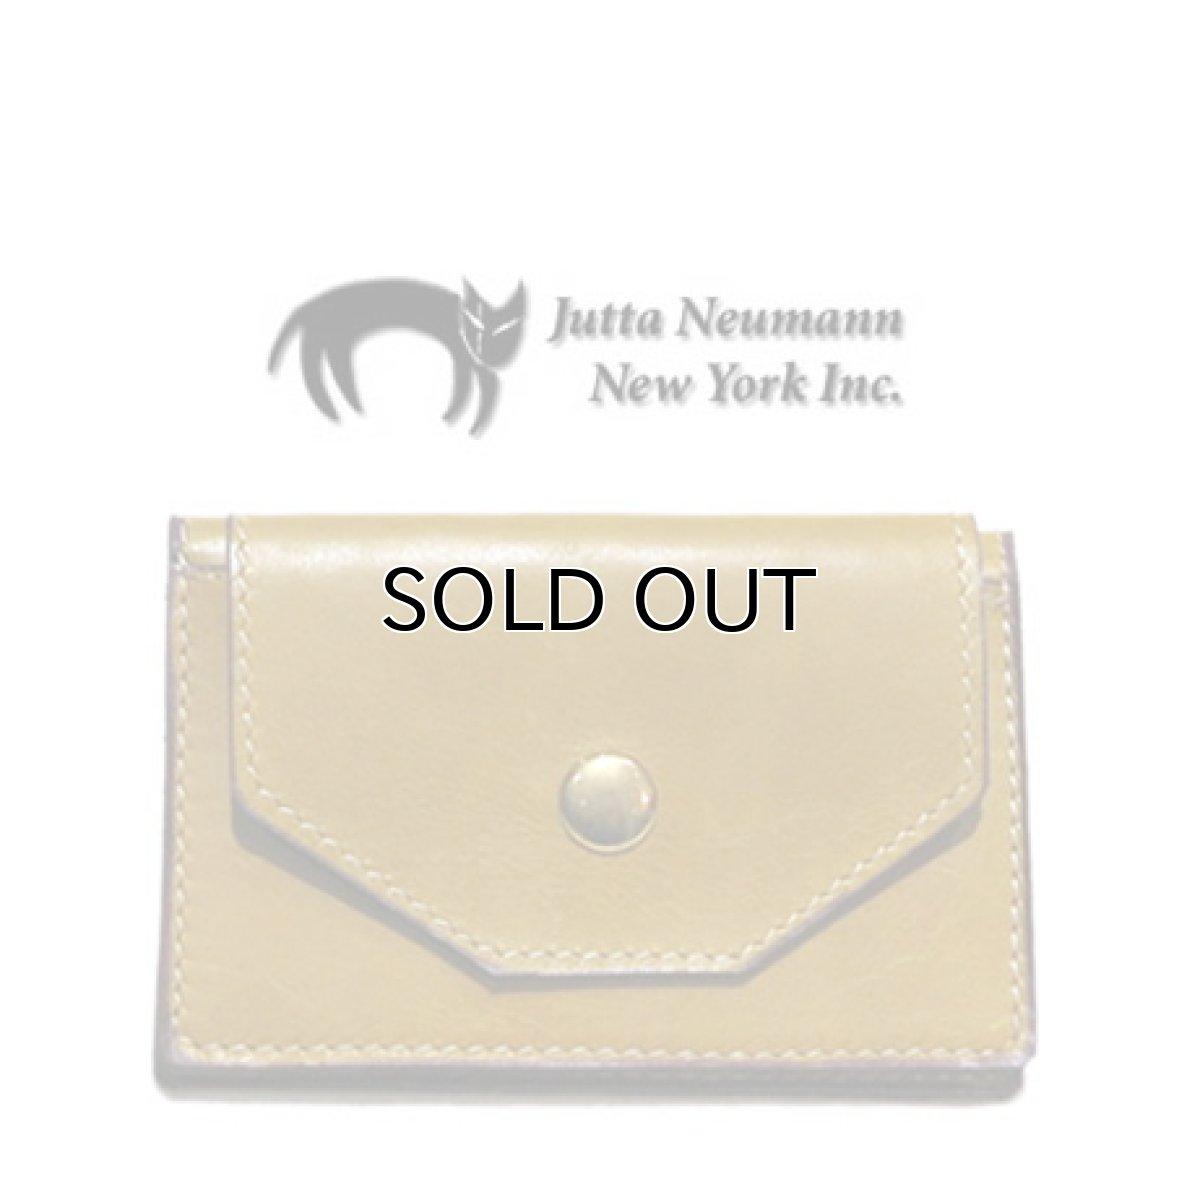 """画像1: """"JUTTA NEUMANN"""" Leather Card Case with Change Parse color : Mustard / Brick Red (1)"""